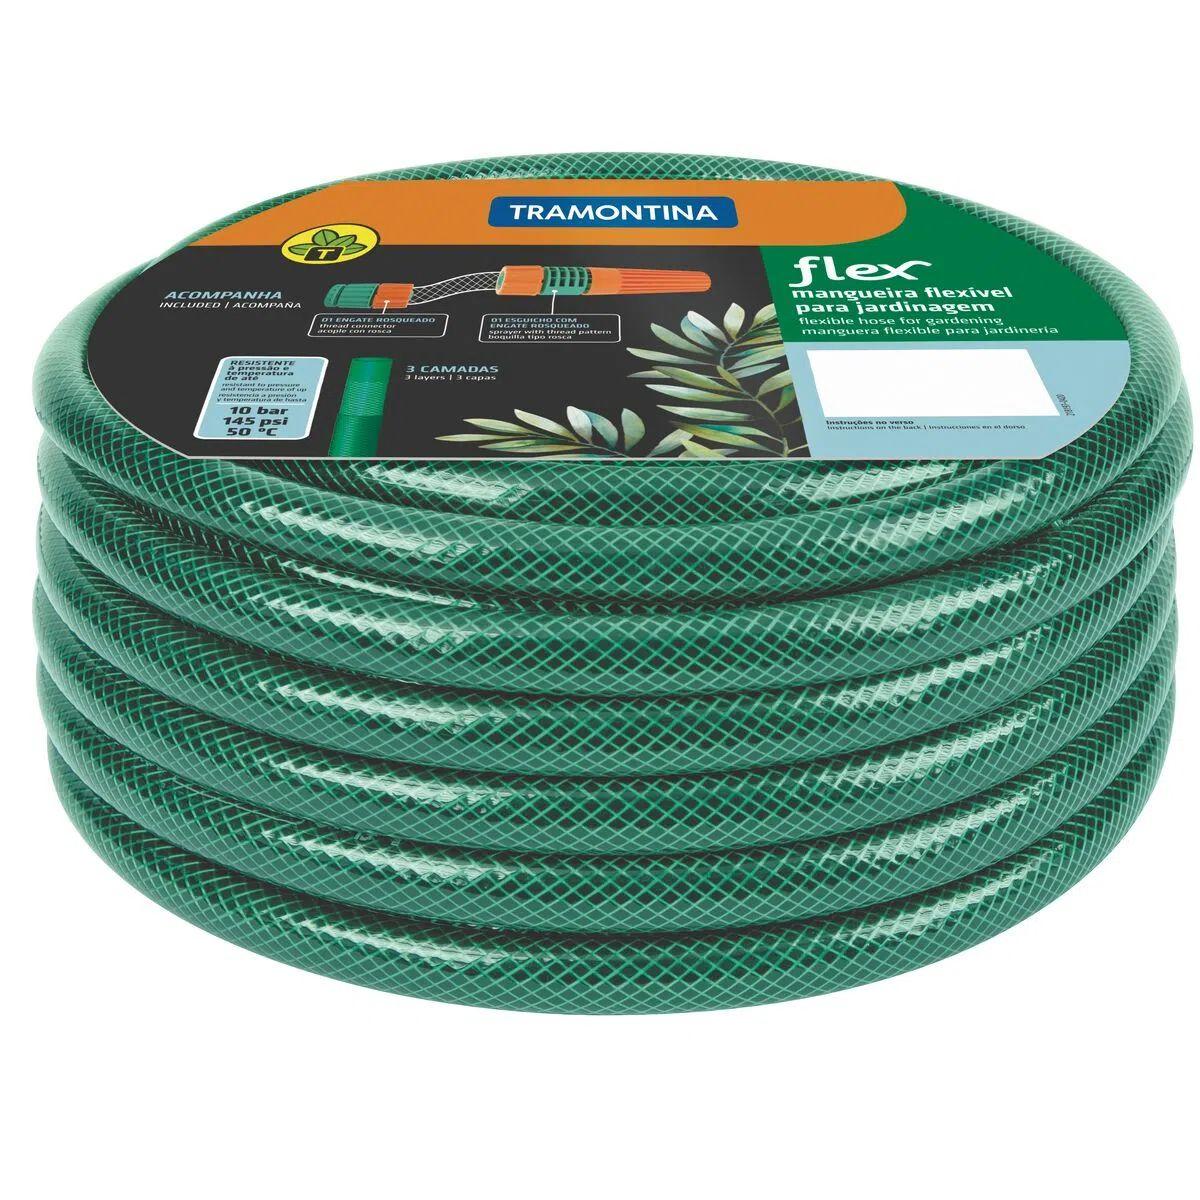 Mangueira Flex Tramontina Verde em PVC 3 Camadas 30 m com Engate Rosqueado e Esguicho